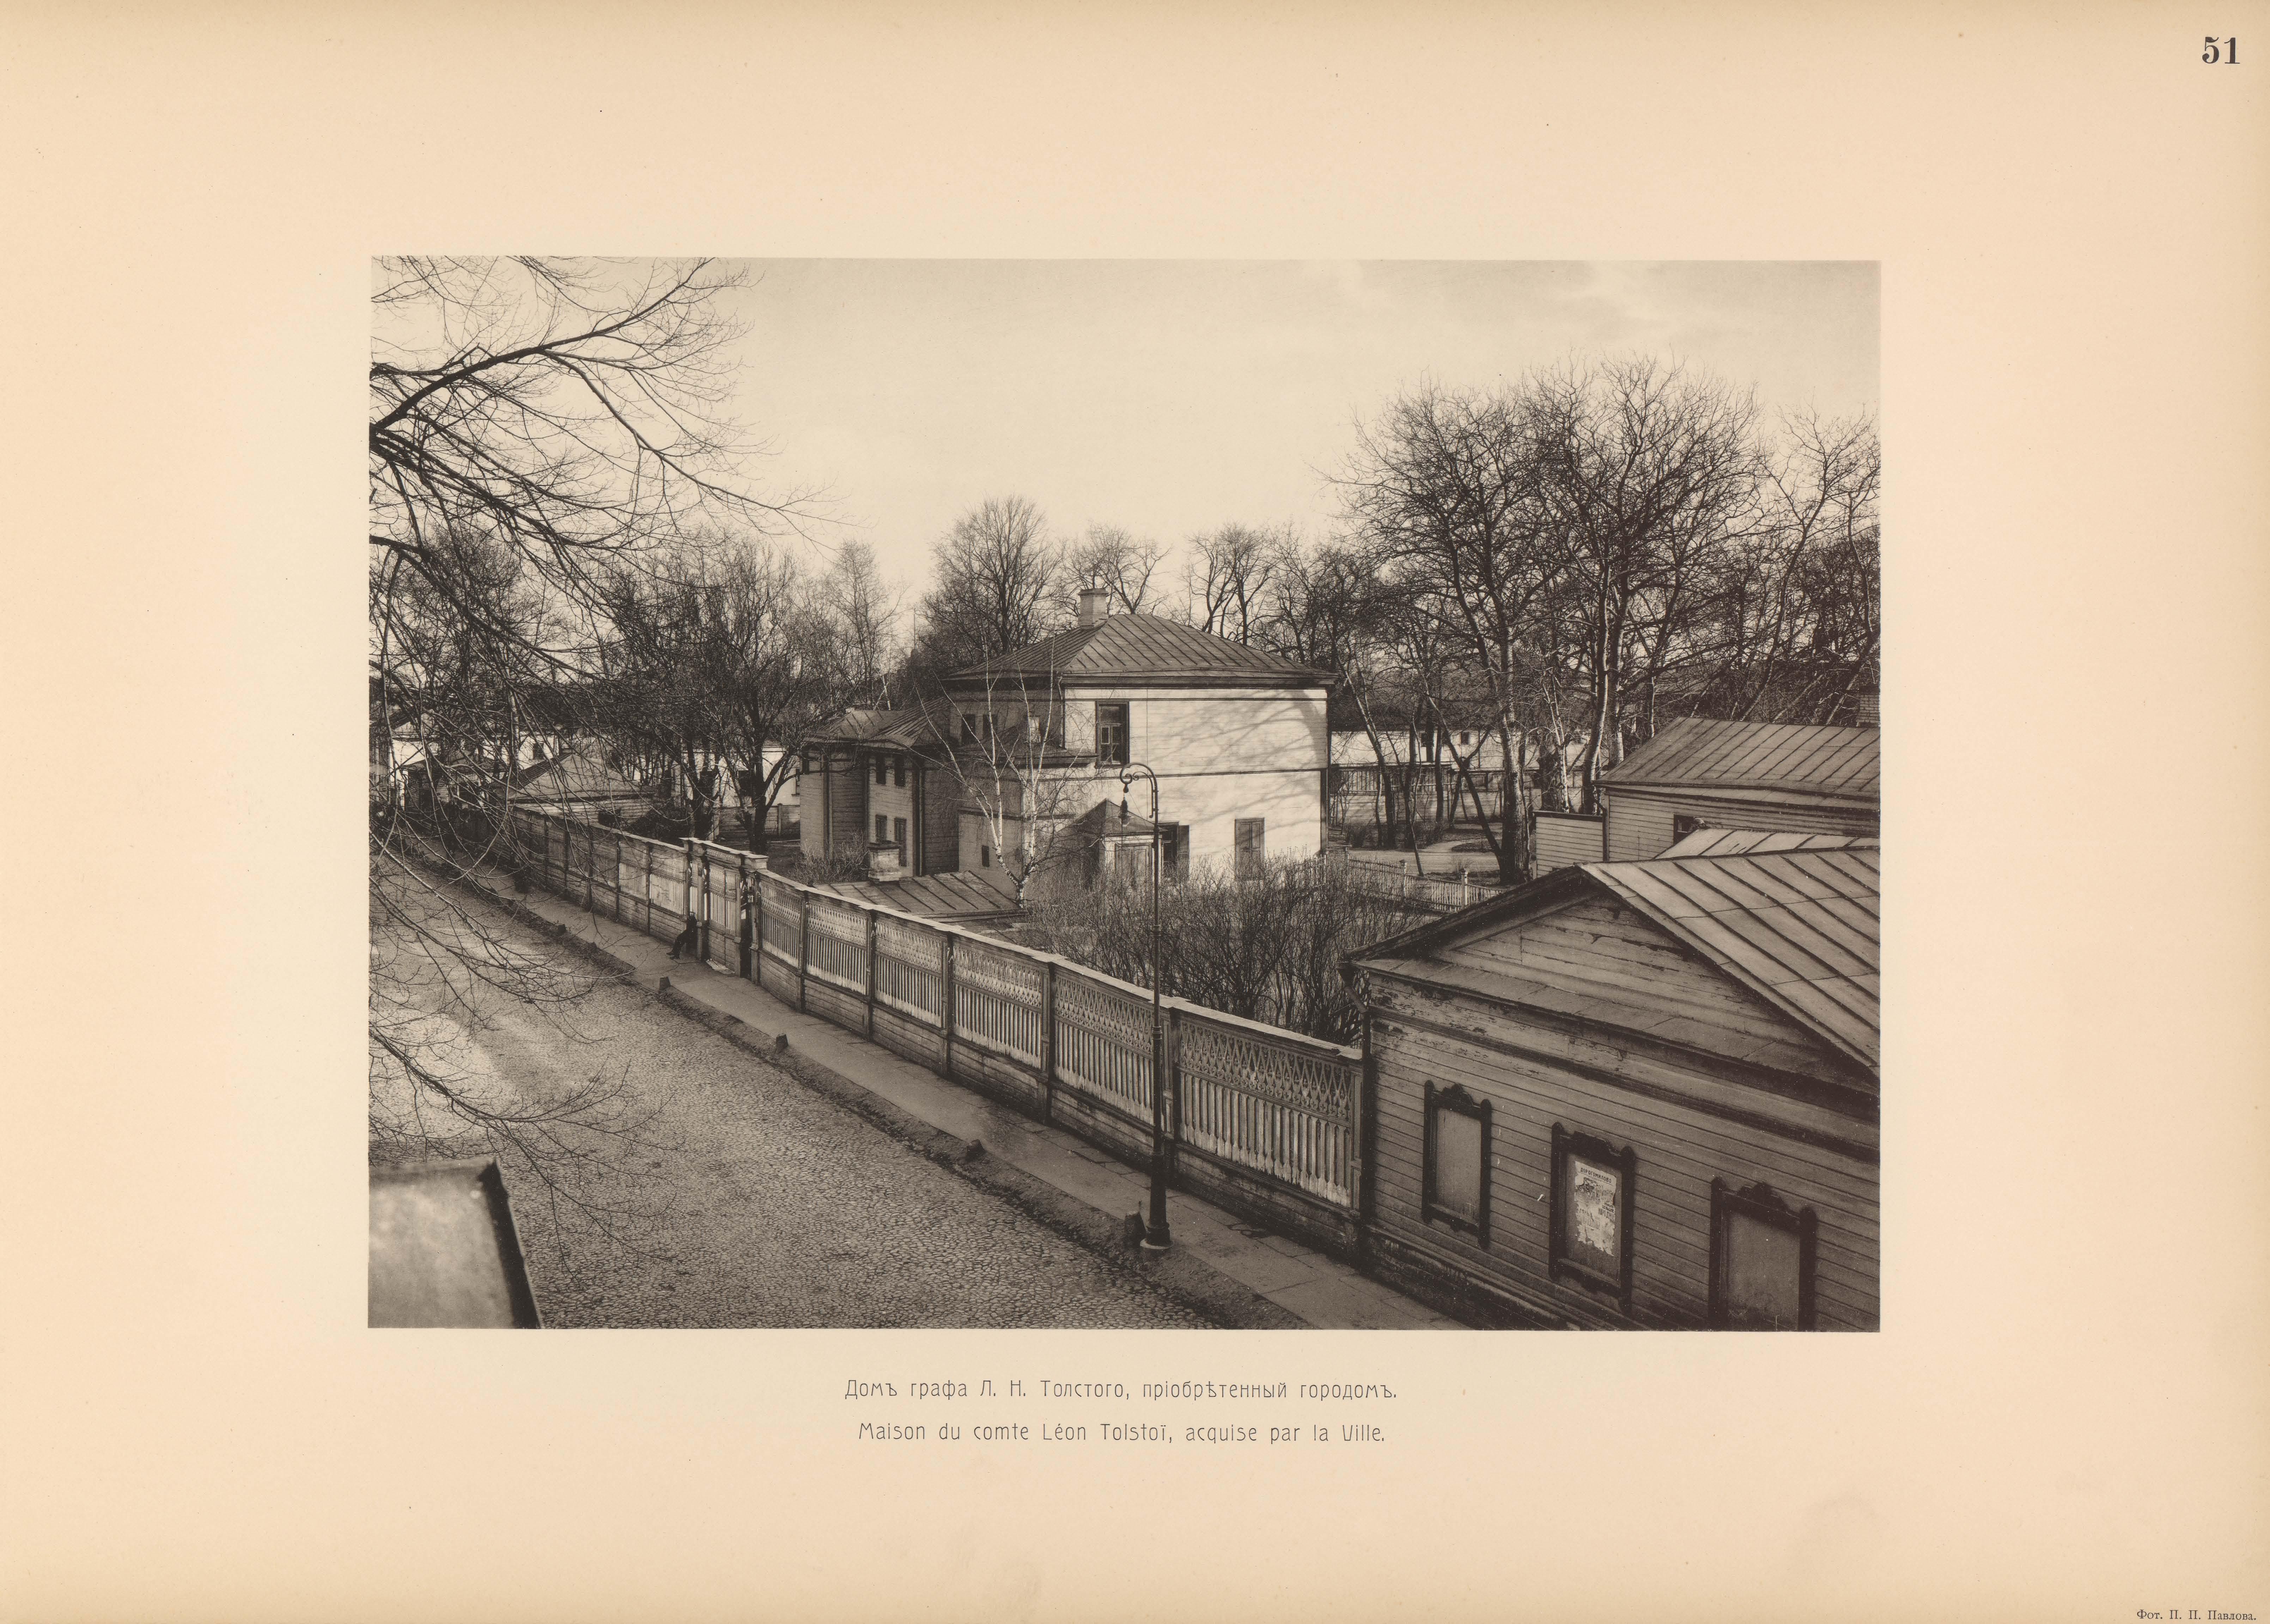 Домъ графа Л. Н. Толстого, прiобрѣтенный городомъ. Видъ съ Хамовническаго пер.